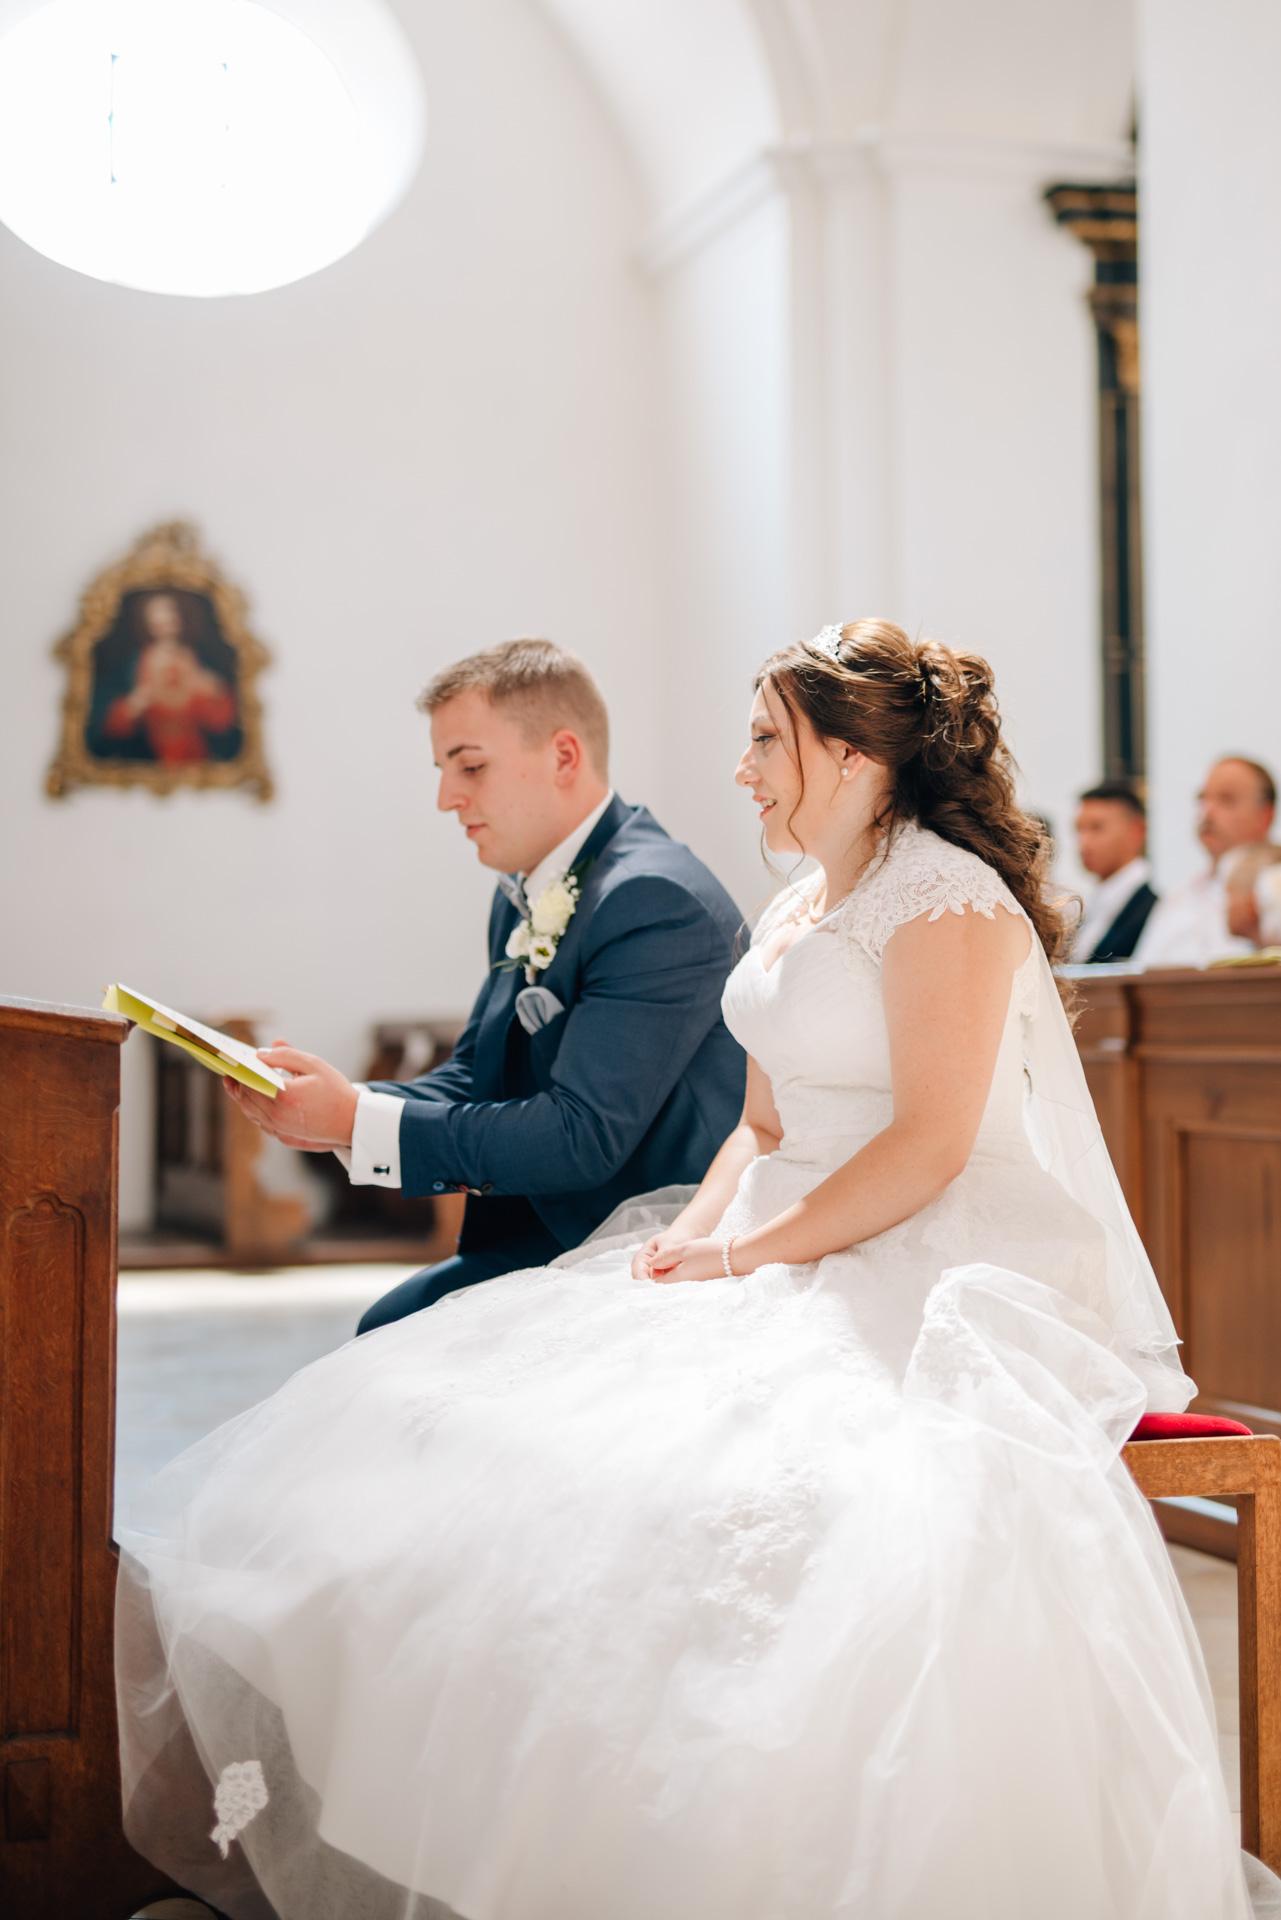 Brautpaar, St. Emmerald Spalt, kirchliche Trauung Spalt, Herzfotografie, Hochzeitsfotografie, Fotograf Hochzeit Spalt